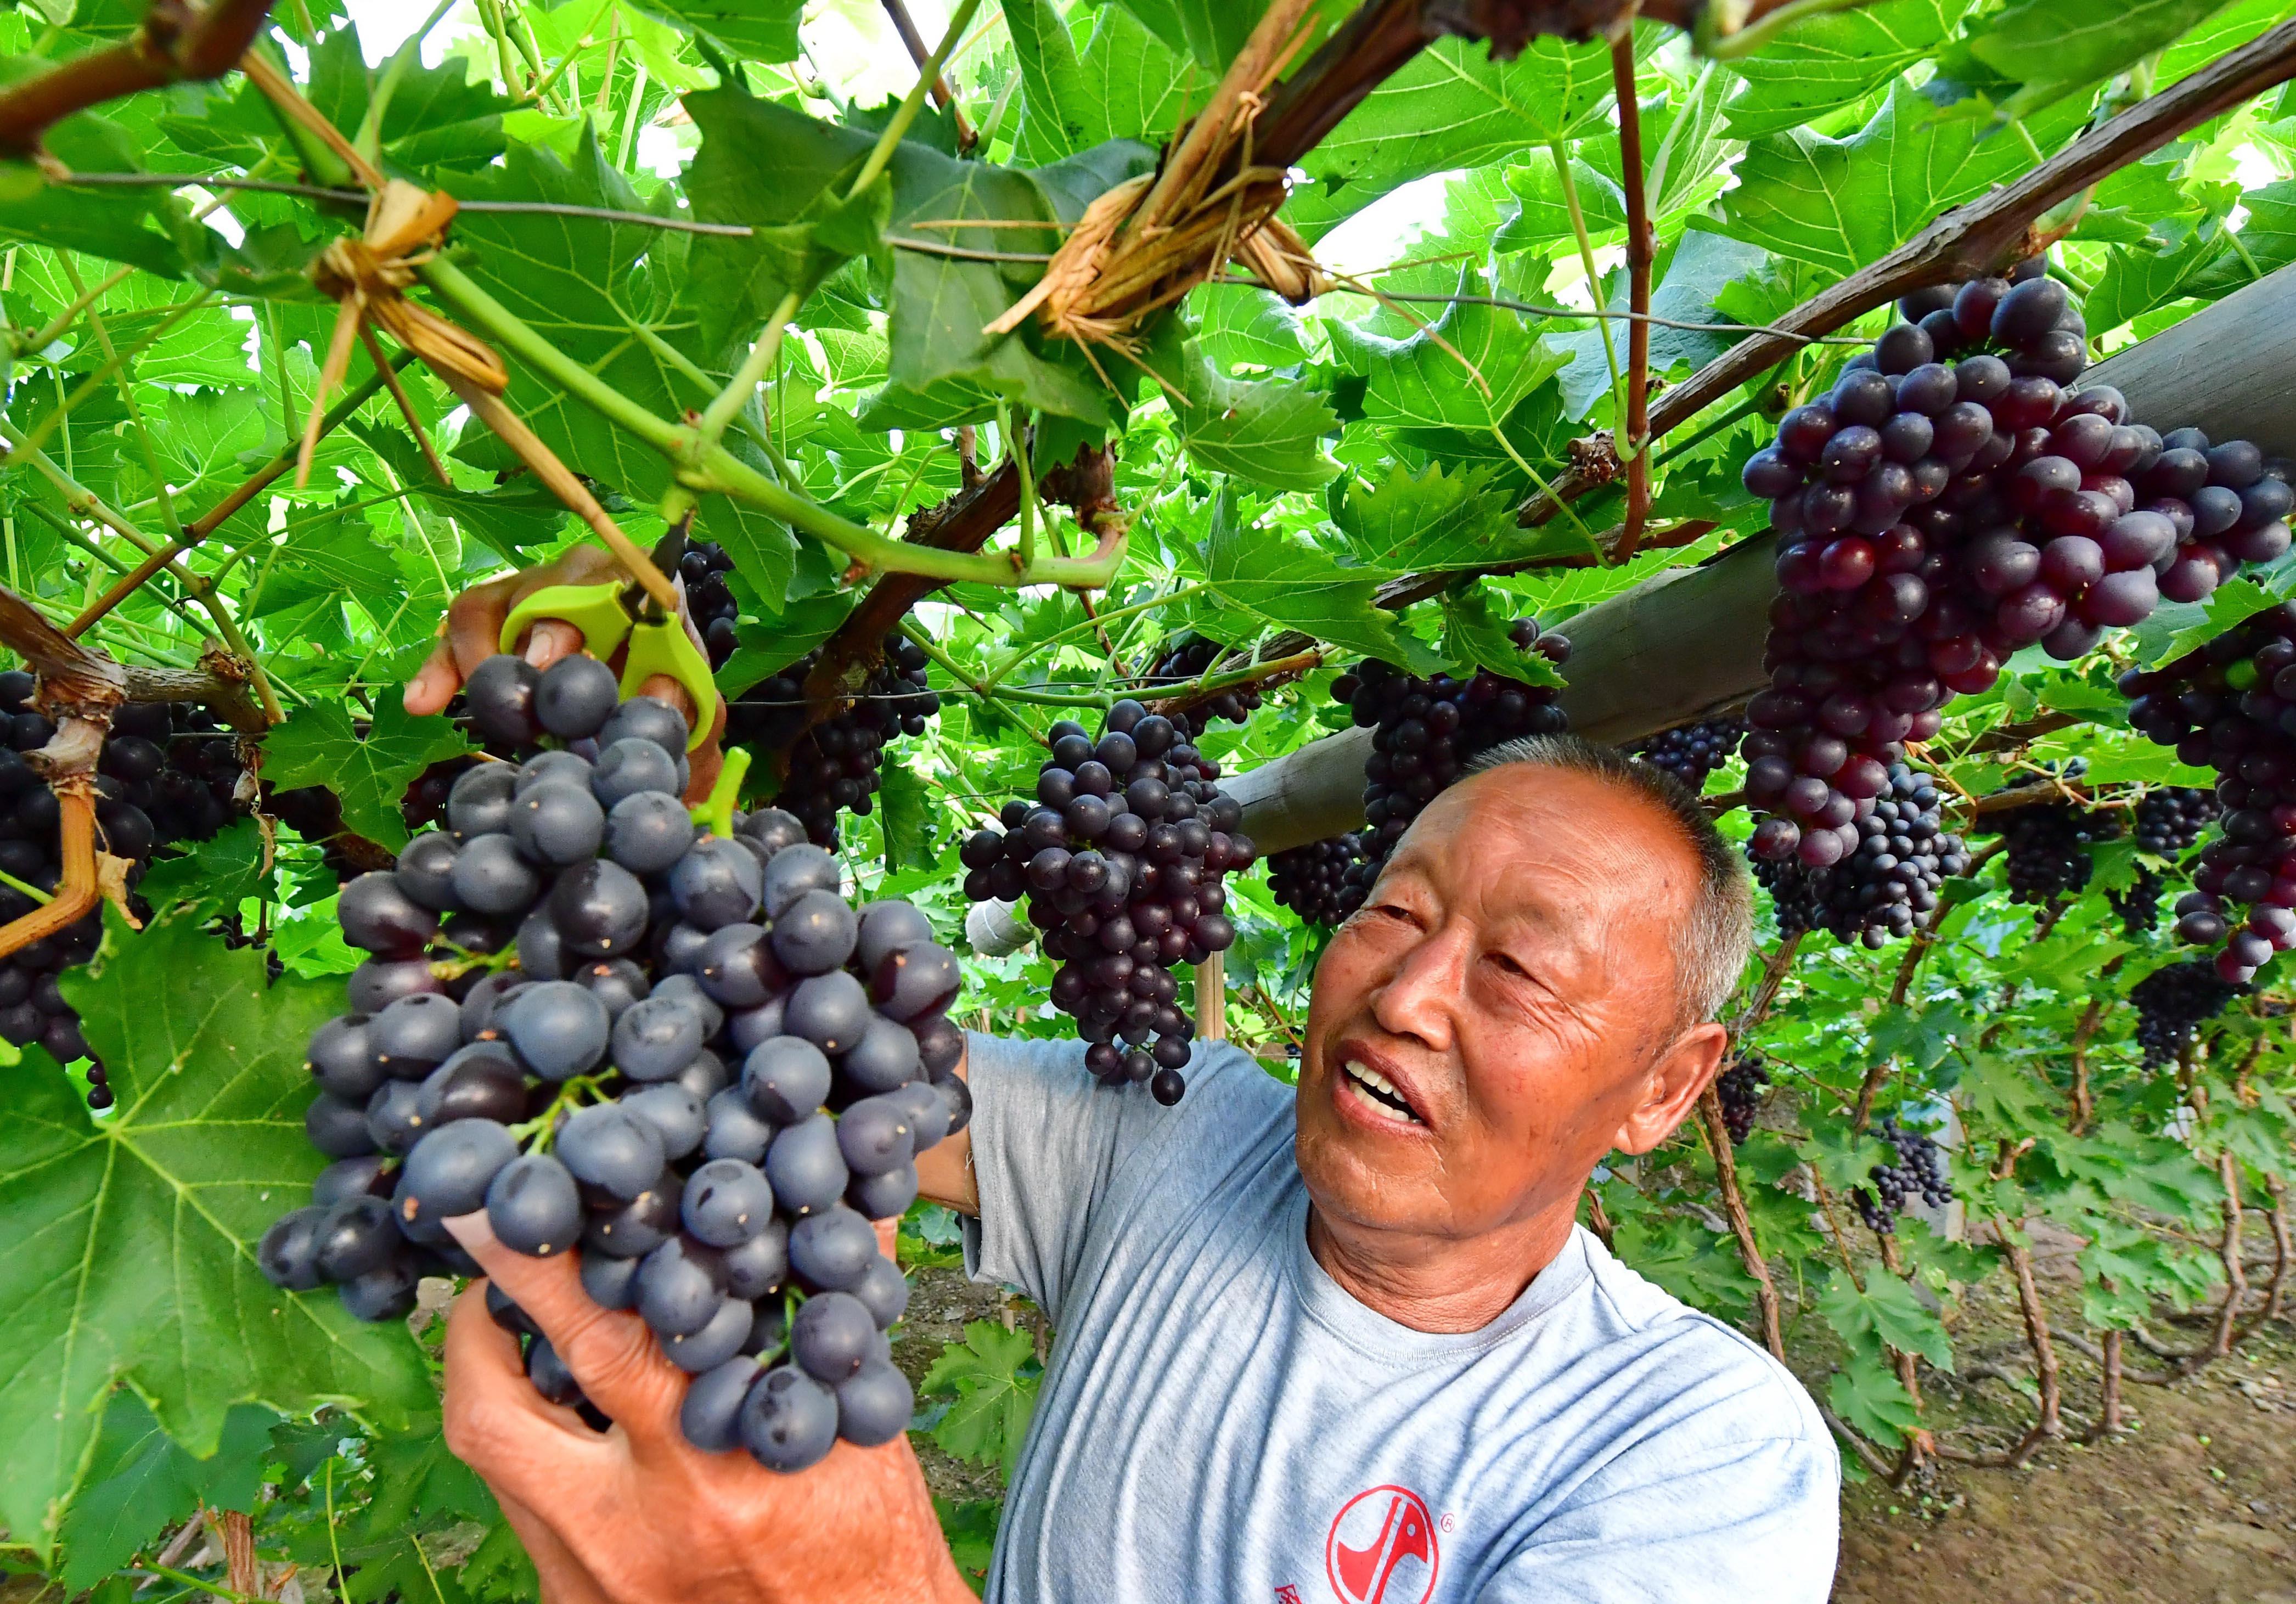 6月25日,唐山海港经济开发区王滩镇赵滩村的果农在采摘葡萄。 近年来,河北唐山海港经济开发区推进生态水果产业和乡村旅游融合发展,助力乡村振兴。据介绍,目前该区葡萄、苹果等水果种植面积达1.5万亩,年产值3亿多元。 新华社记者 杨世尧 摄